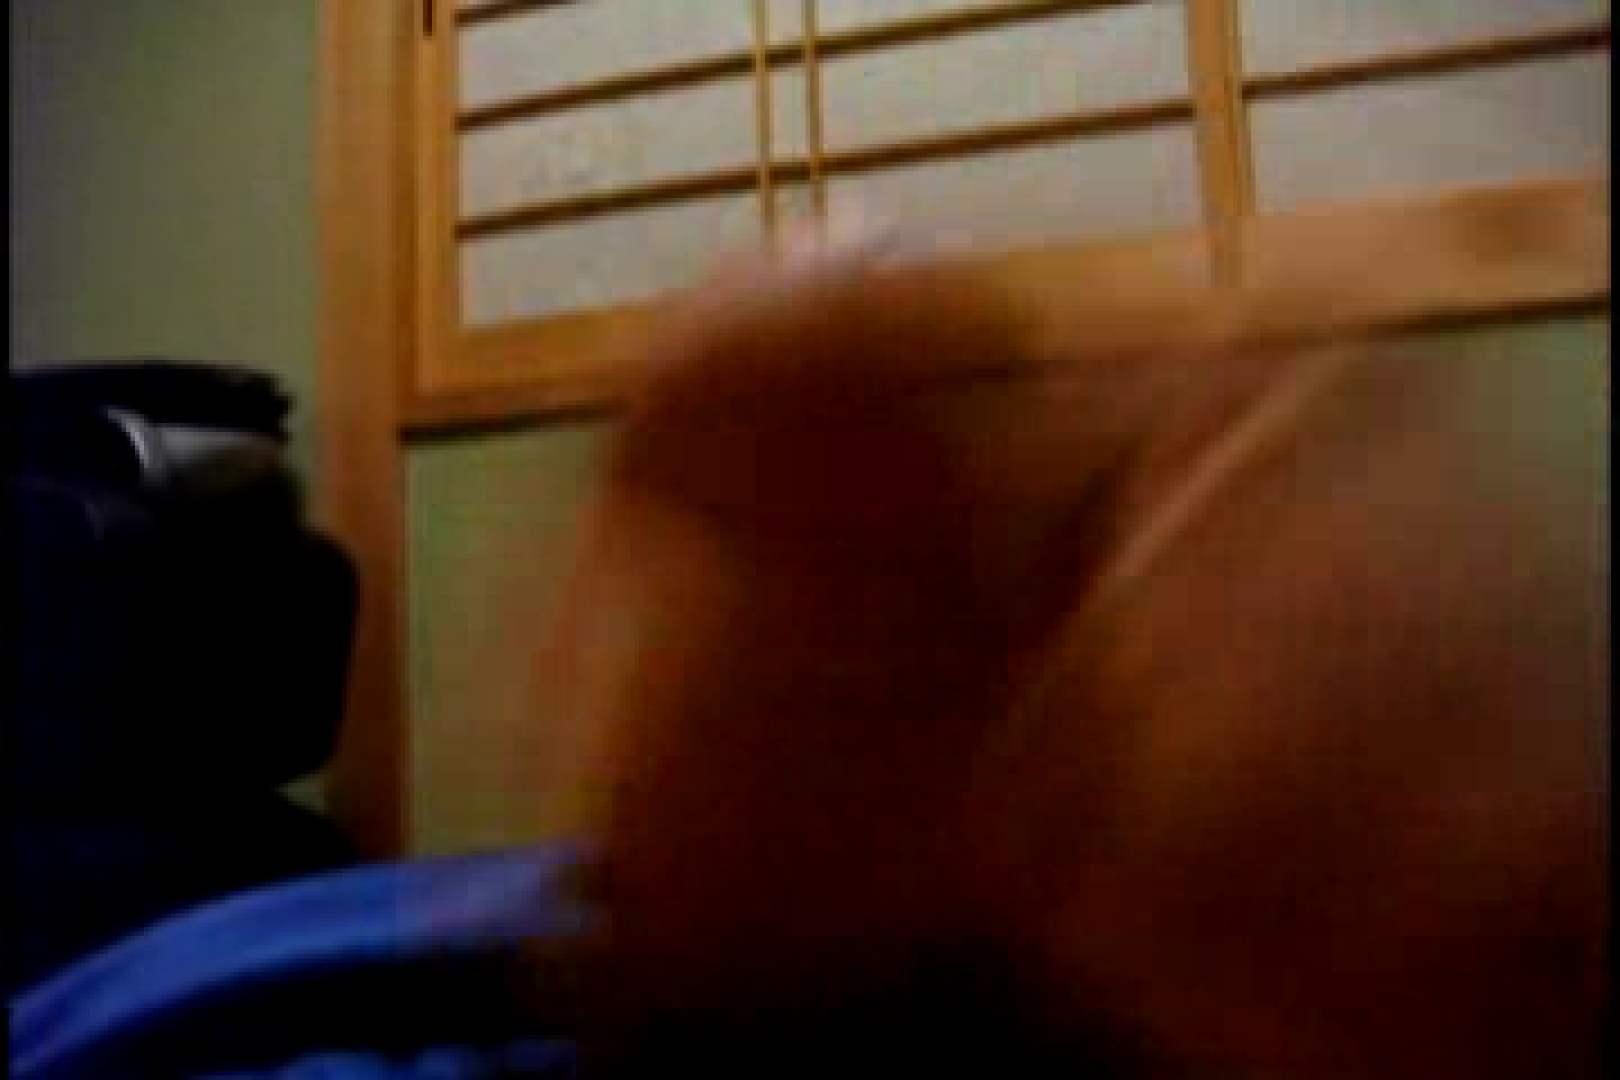 オナ好きノンケテニス部員の自画撮り投稿vol.02 射精 GAY無修正エロ動画 76枚 45